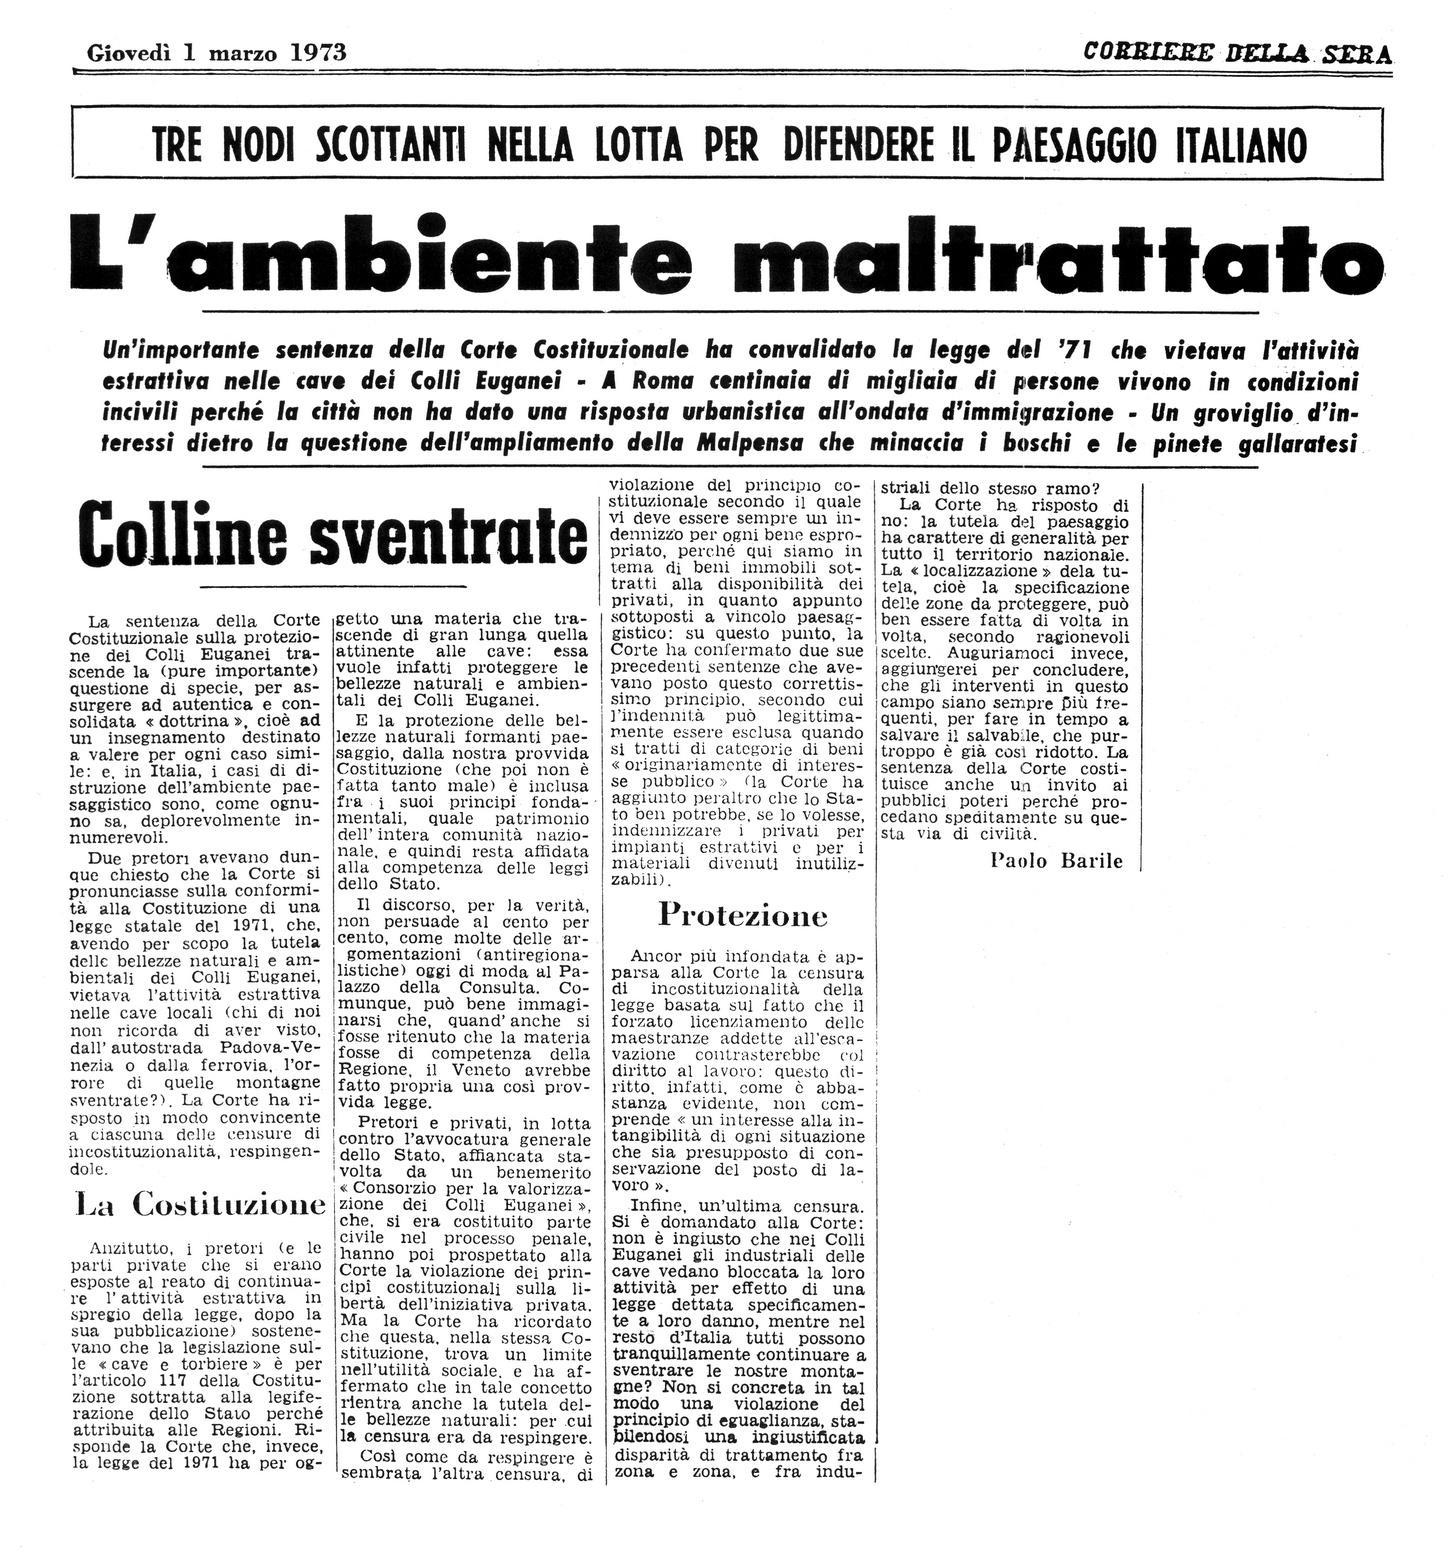 L'ambiente maltrattato. Articolo dell'1 marzo 1973.